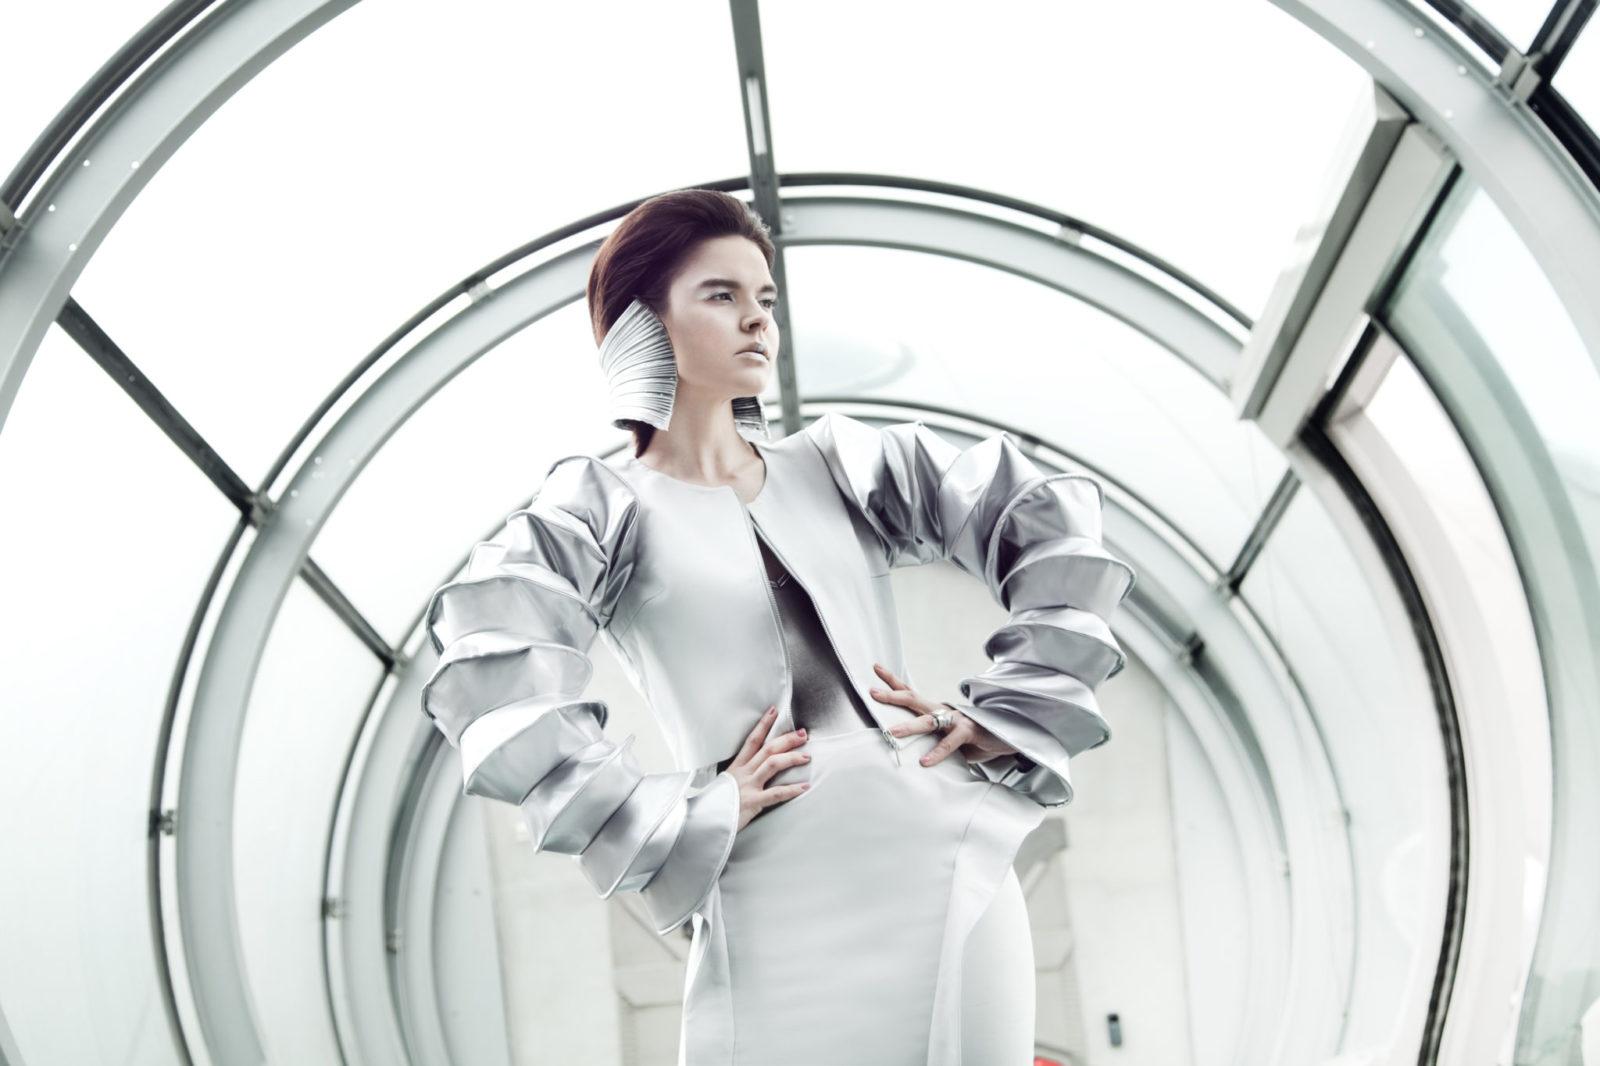 Rudowłosa dziewczyna trzymająca się za boki, stojąca w białej sukience z futurystycznymi elementami